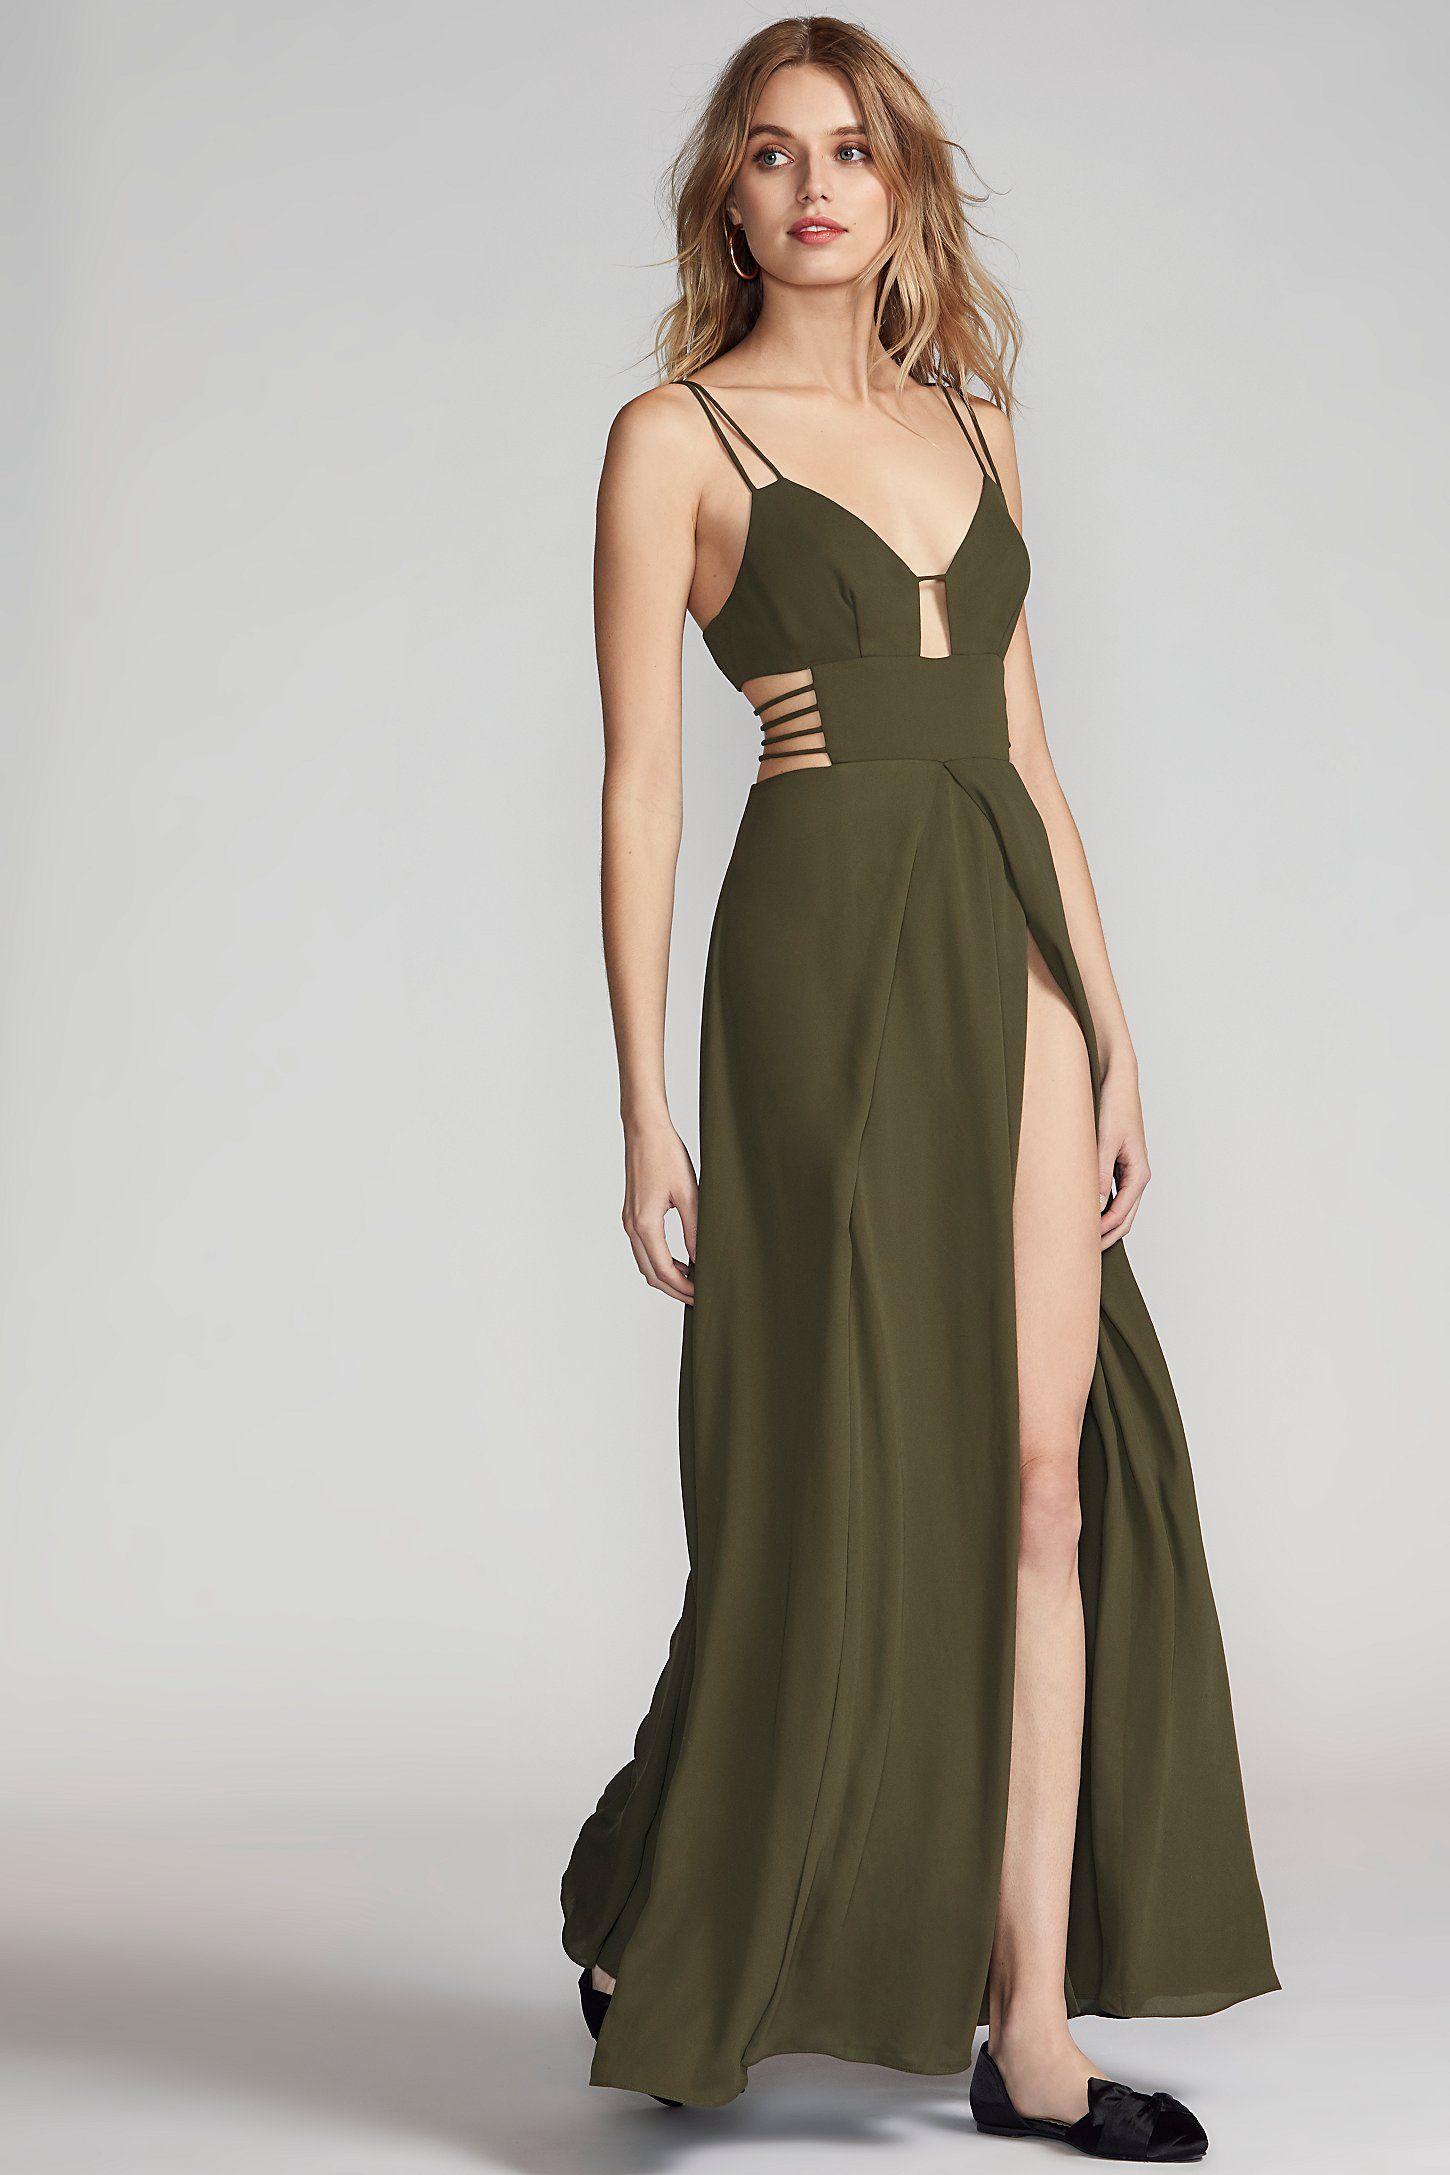 98ba382dad83f The Megan Maxi Dress | Latest Looks & Loves | Dresses, Beautiful ...